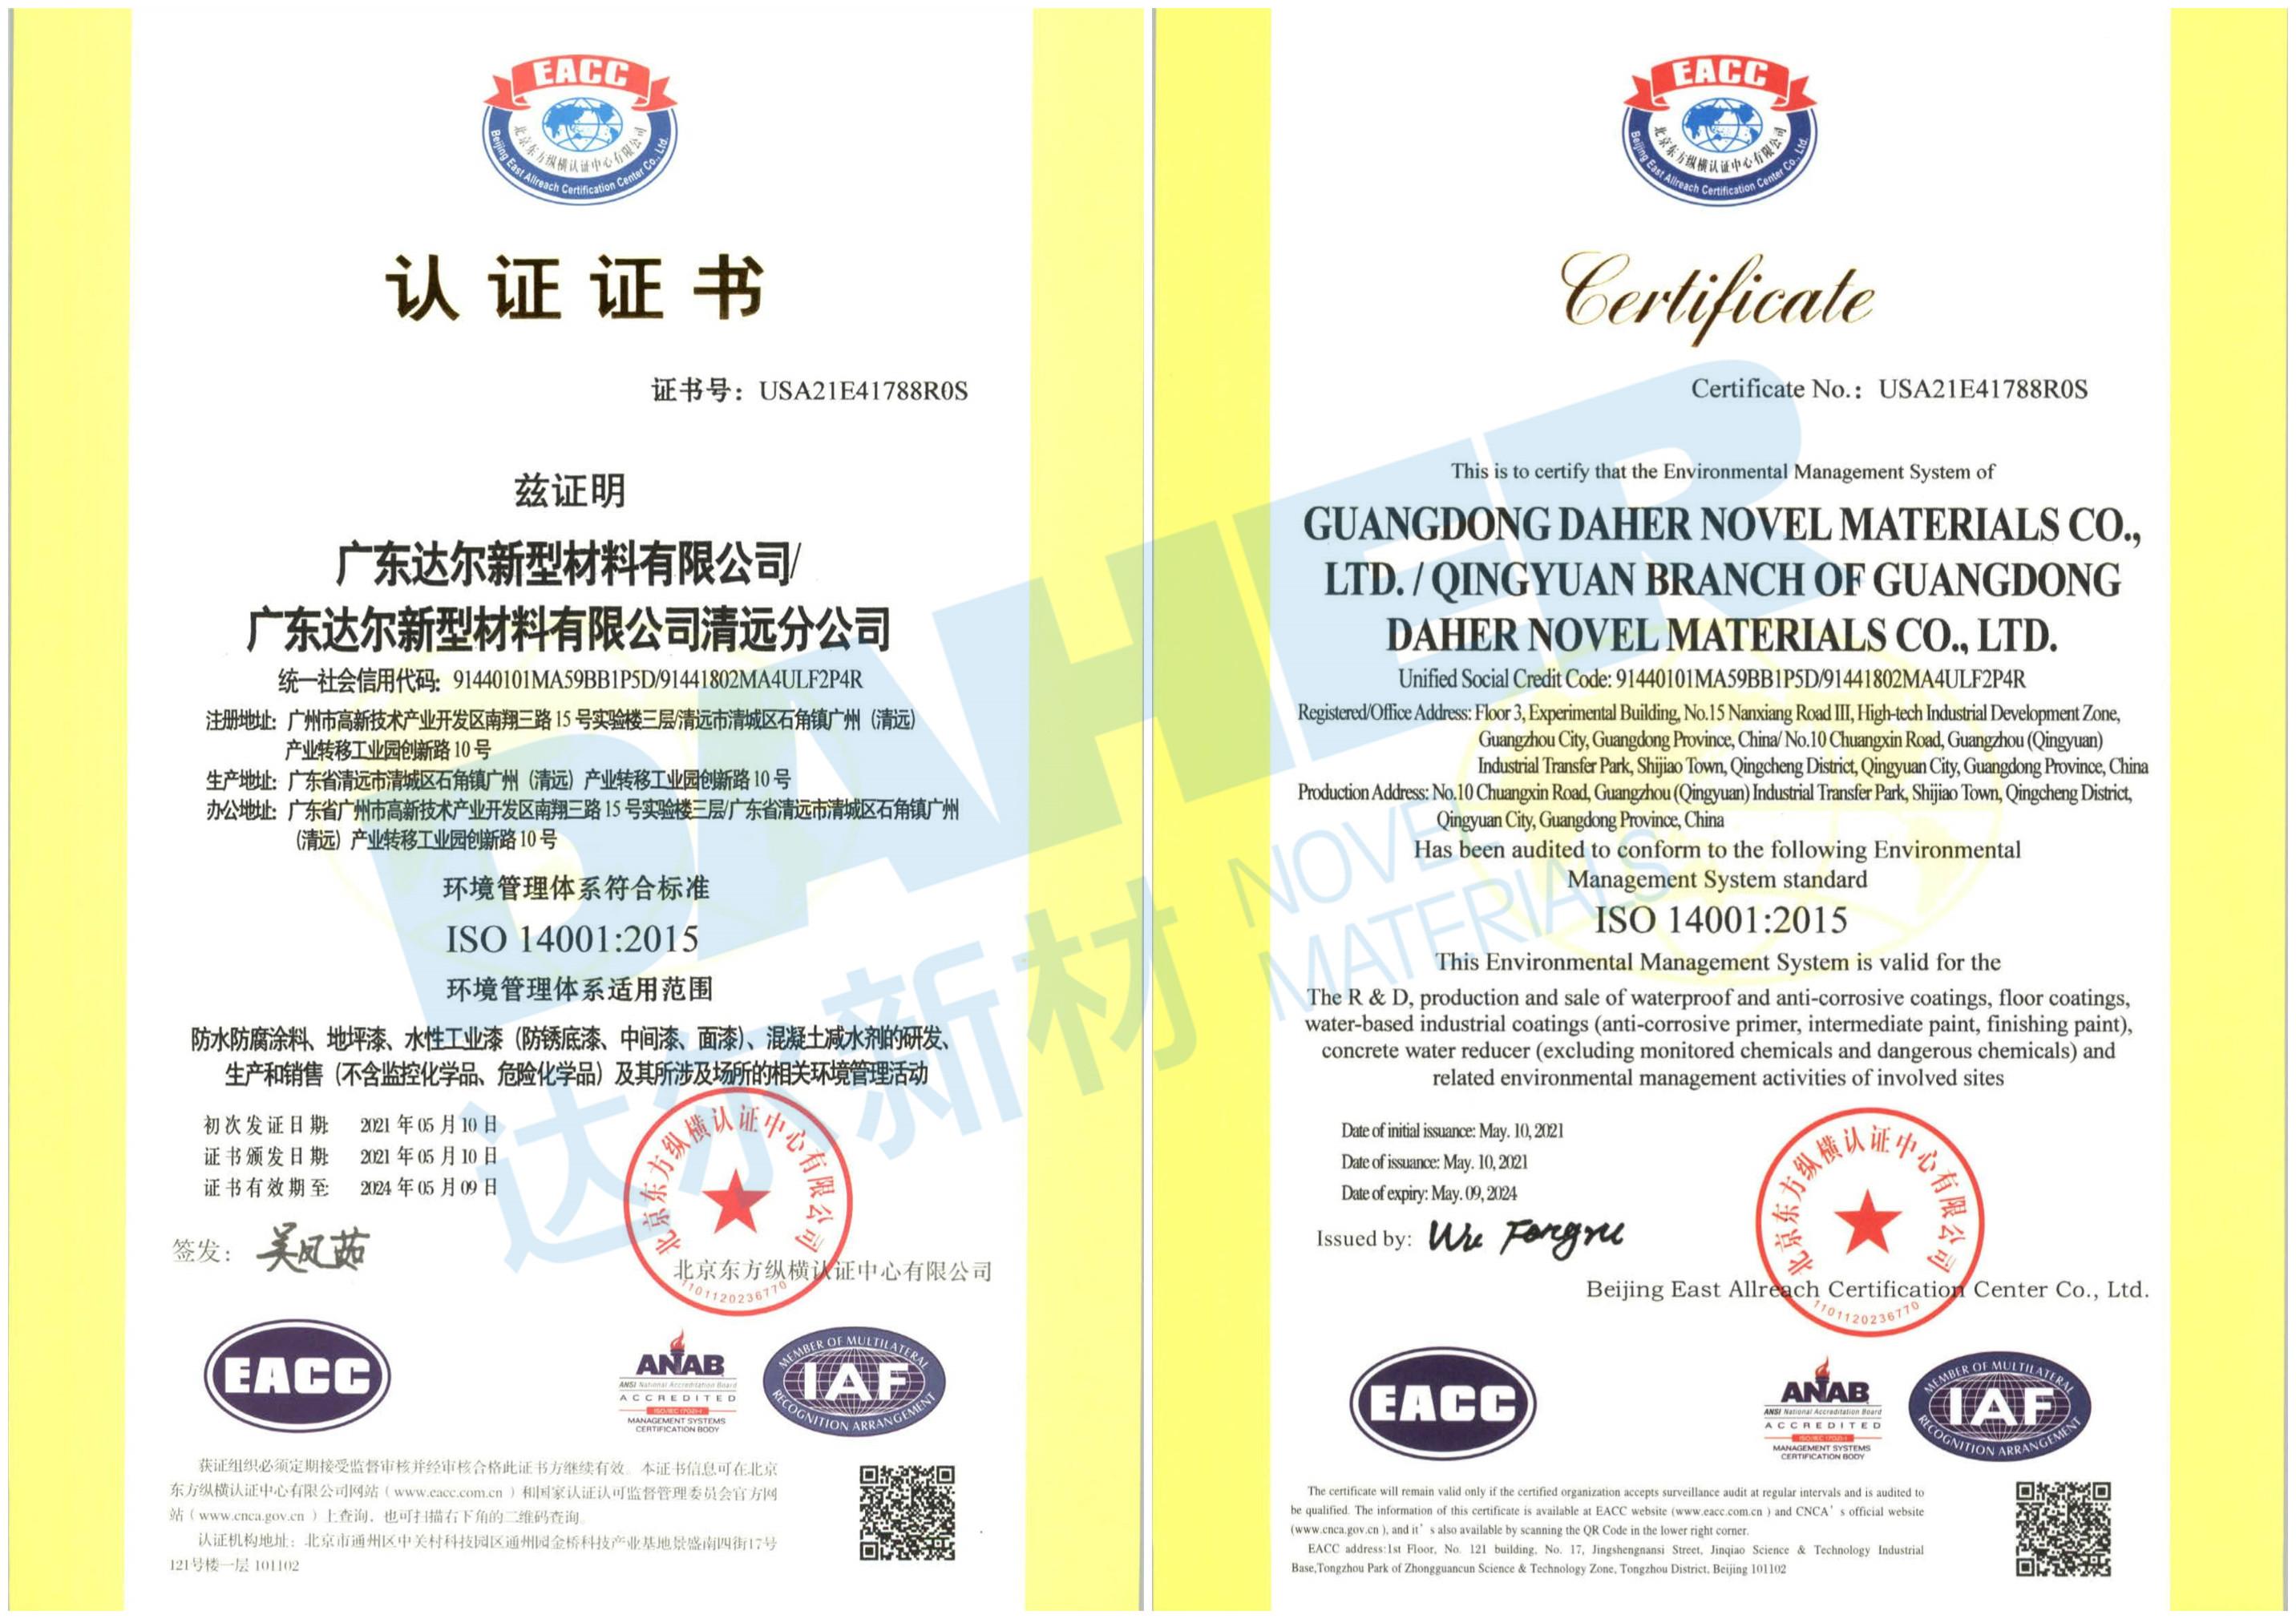 環境管理體系ISO14001